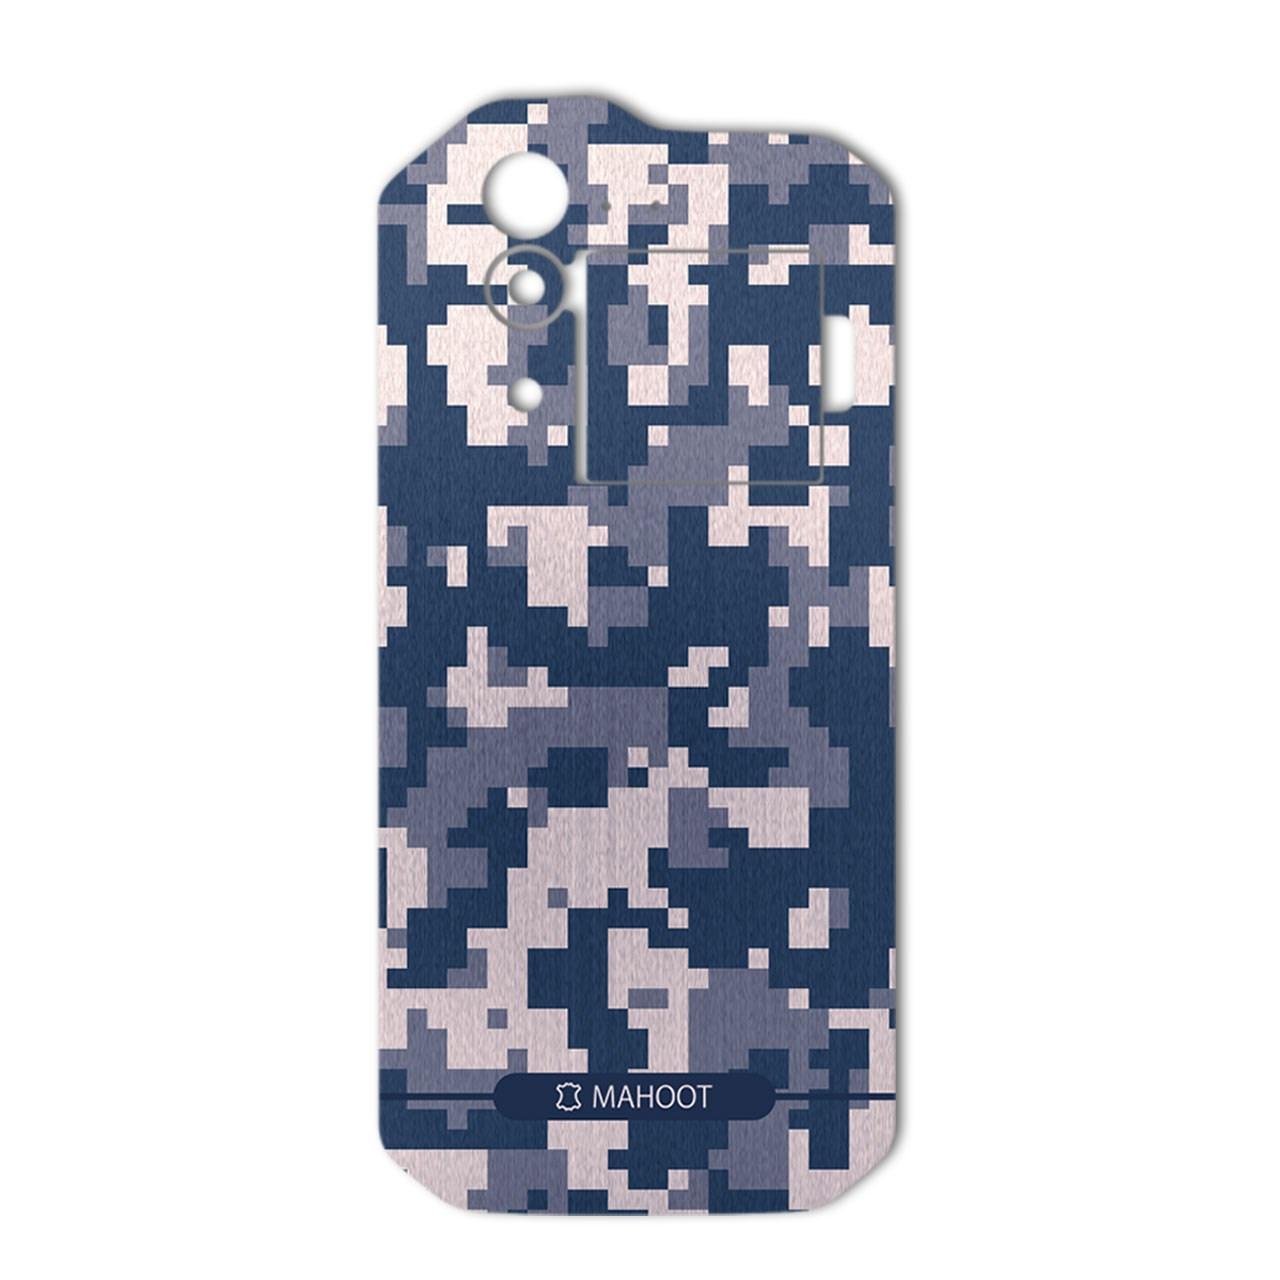 برچسب تزئینی ماهوت مدل Army-pixel Design مناسب برای گوشی CAT S60